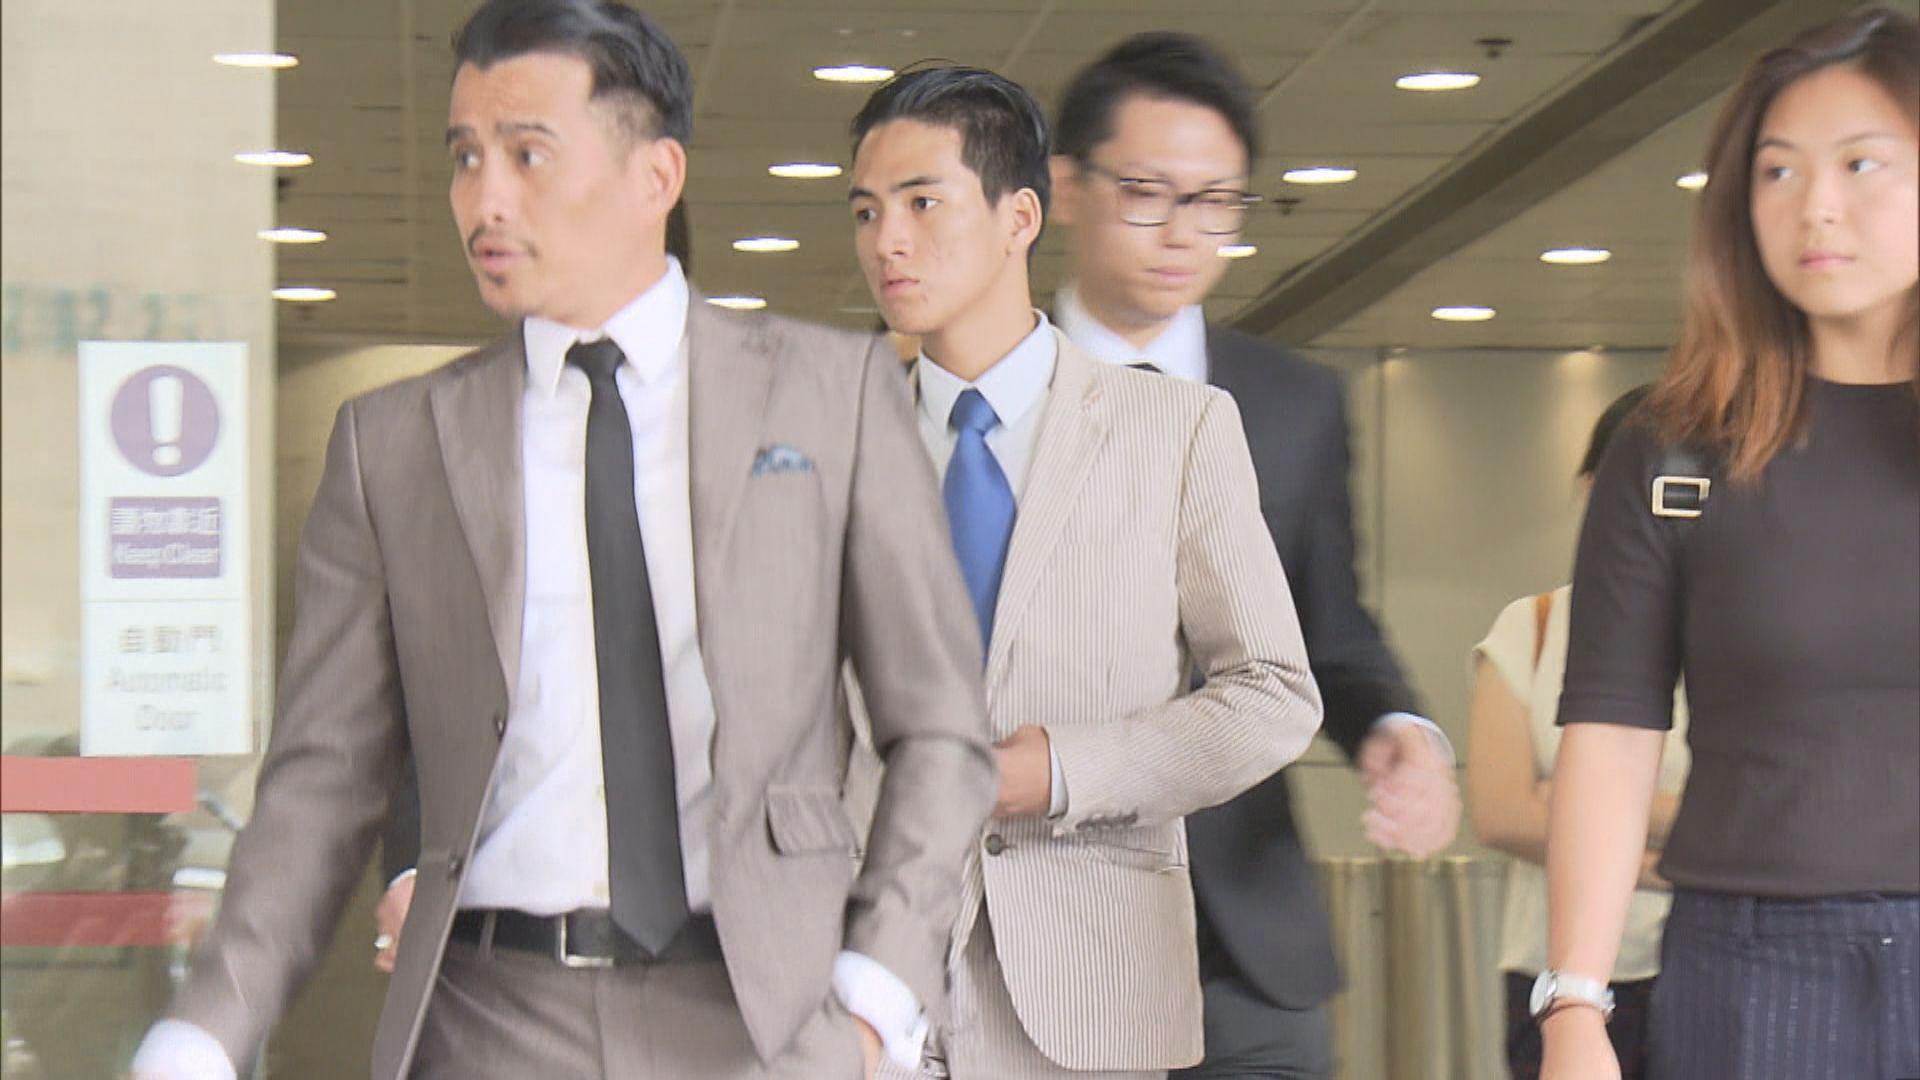 玫瑰崗學校菲律賓籍學生傷人案 八月再提堂